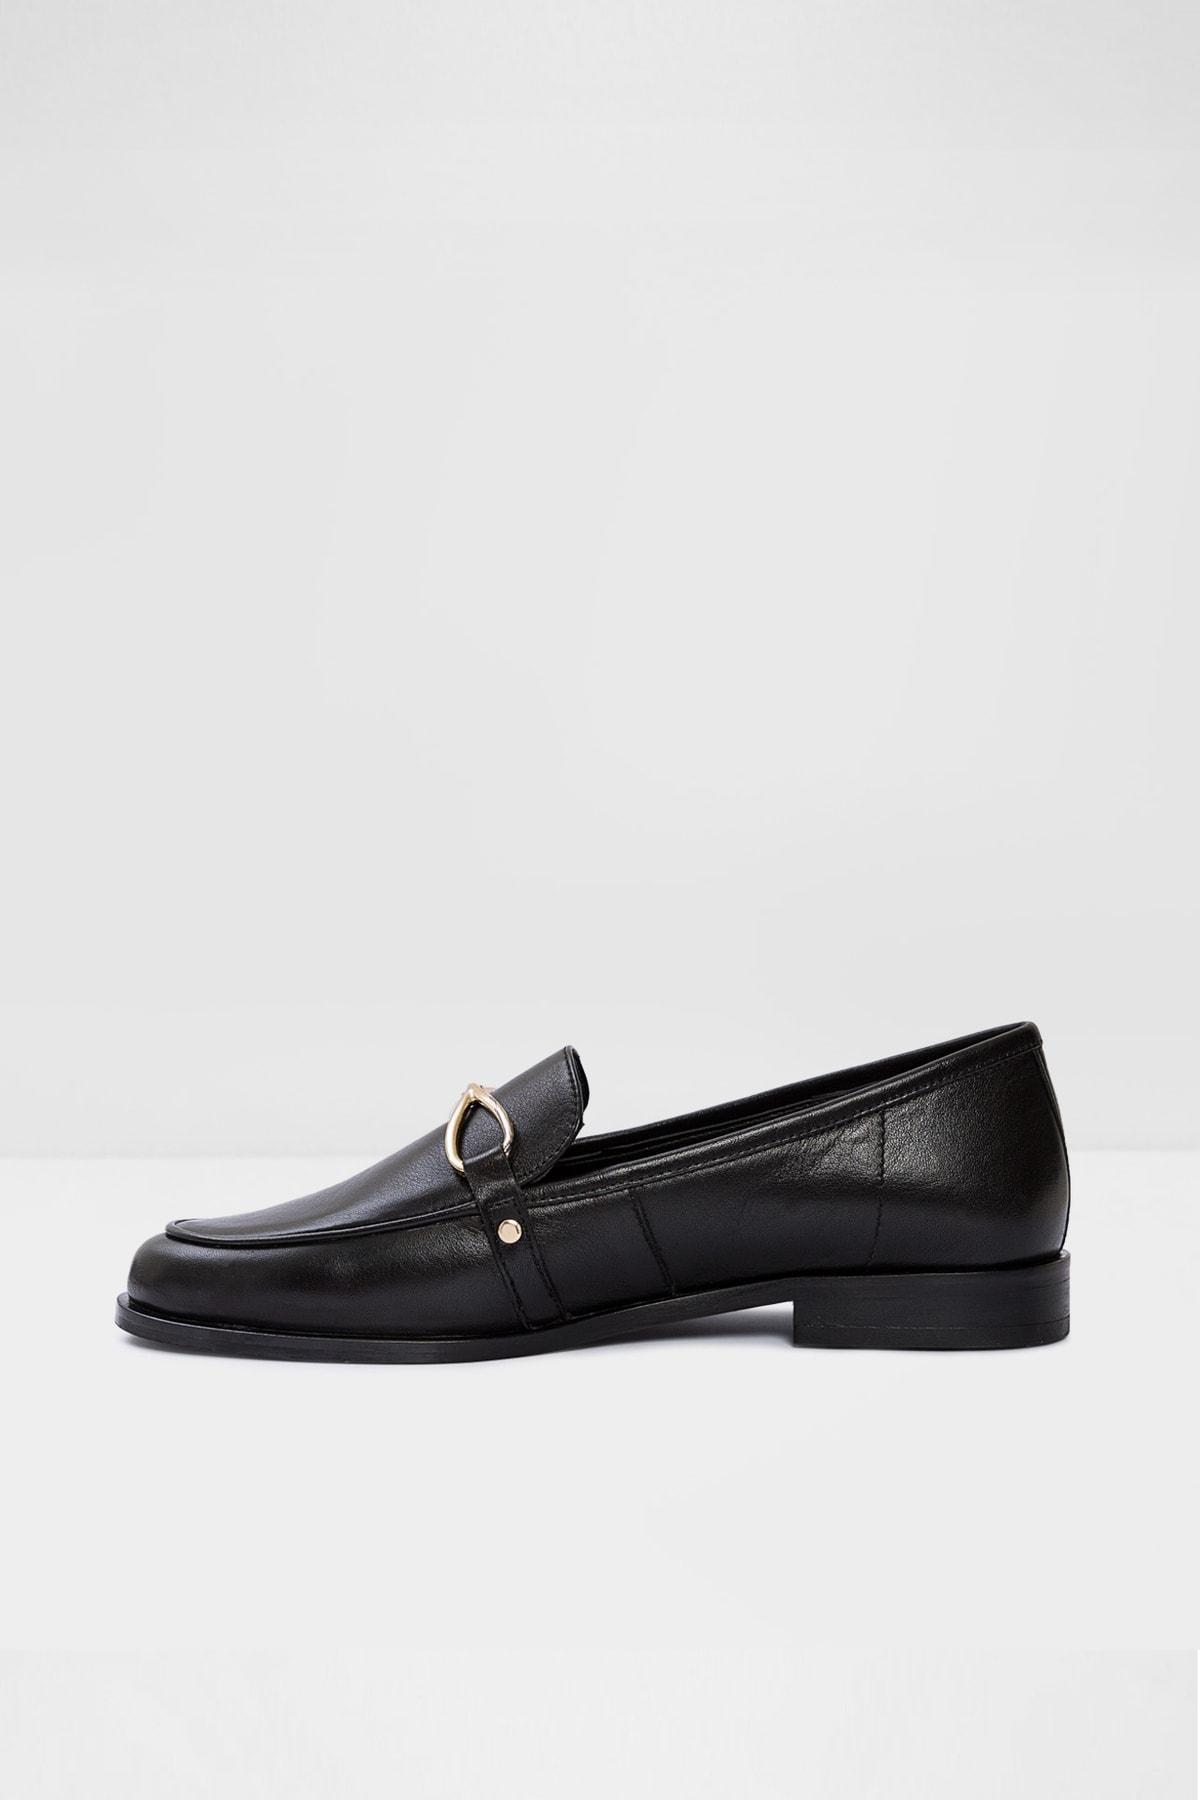 Aldo Afaucıa-tr - Siyah Kadın Loafer Ayakkabı 2